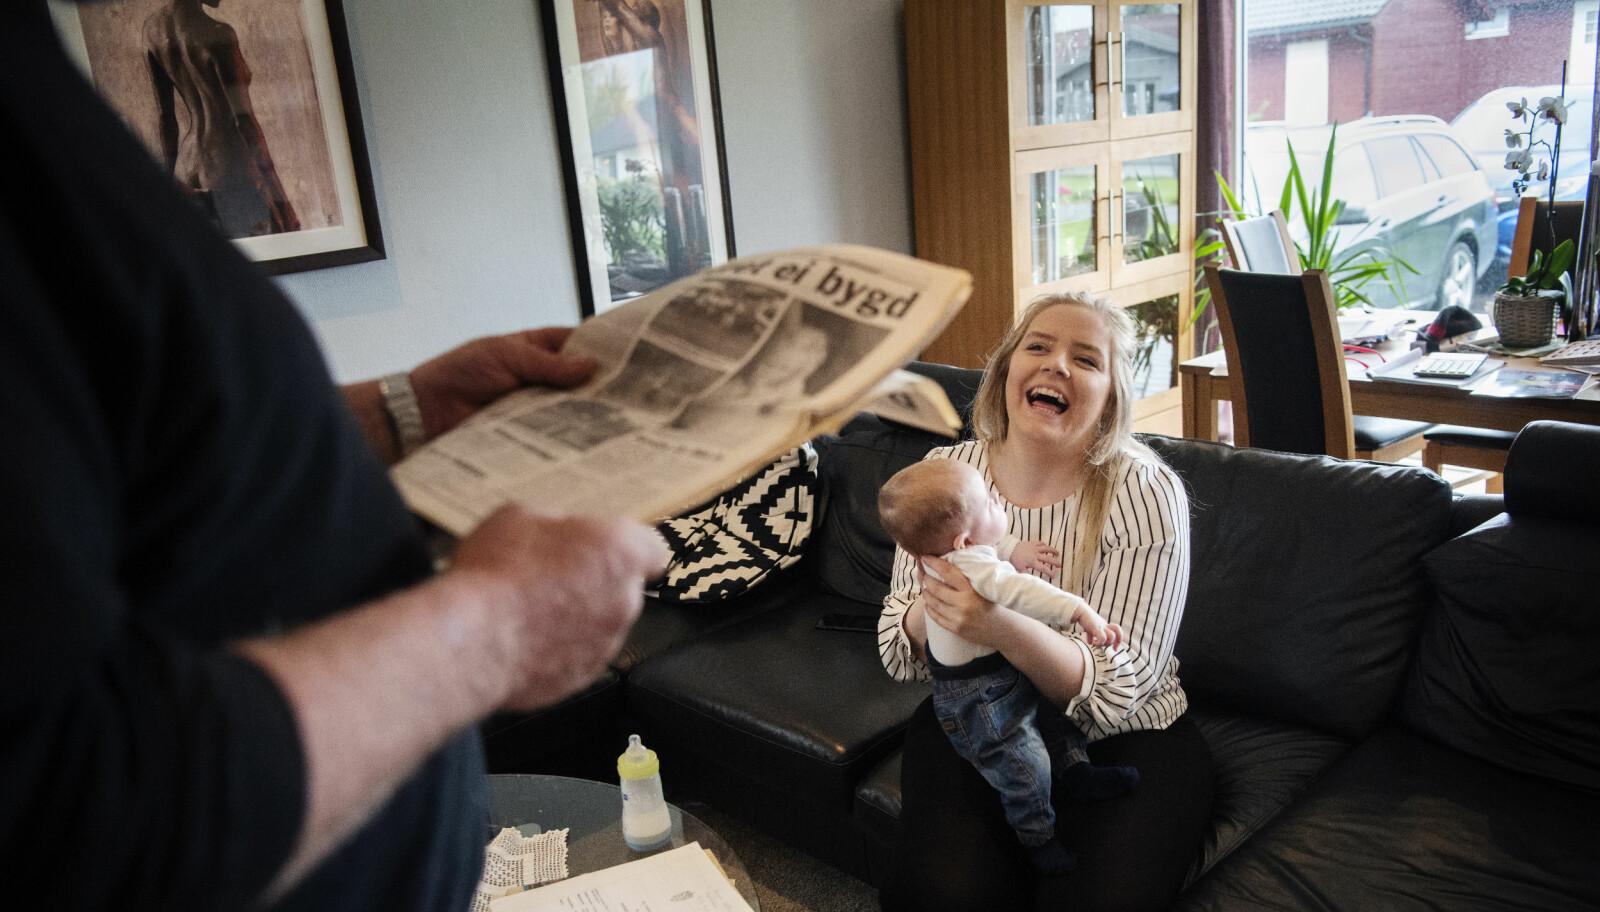 Sandre Nising Vatland (23) med sønnen Samson hjemme hos foreldrene i Hjelmeland. Gisseldramaet preger henne ikke i dag, selv om hun husker enkelte ting.